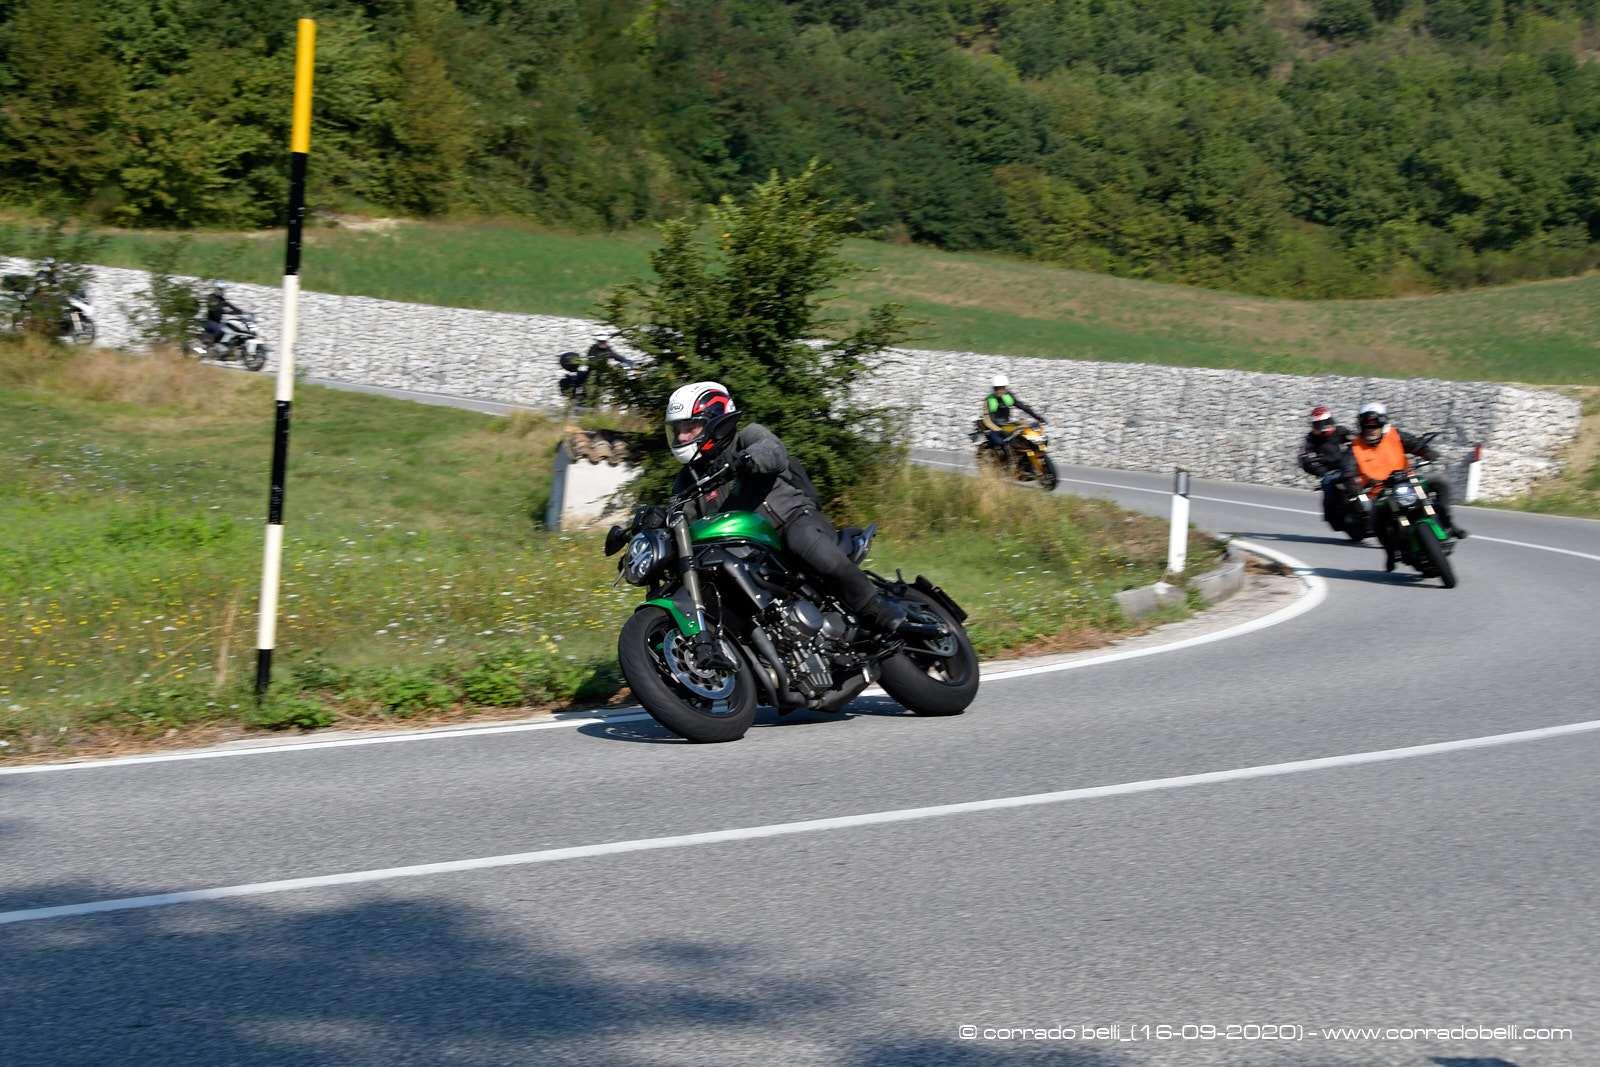 0102-Benelli-Week_16-09-20